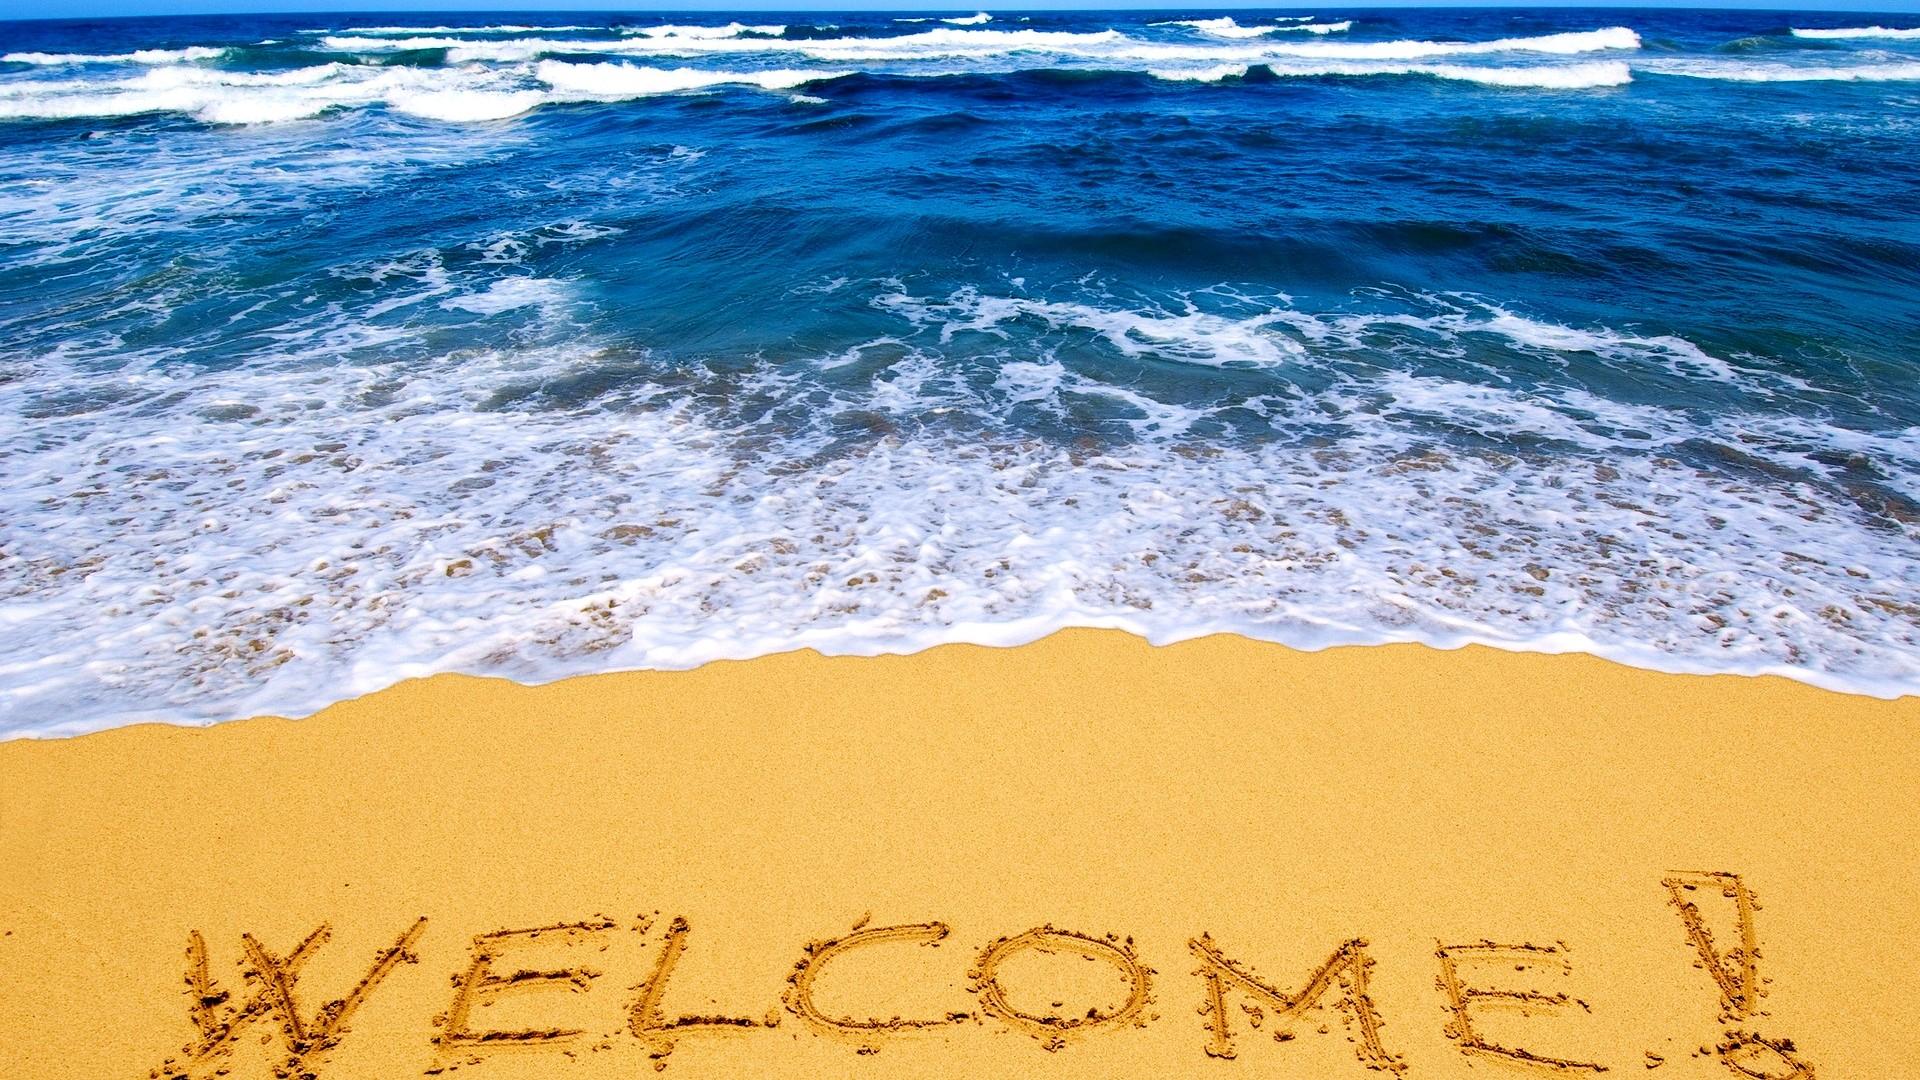 песок, пляж, море, надпись WELCOME! на песке, скачать фото, beach wallpaper